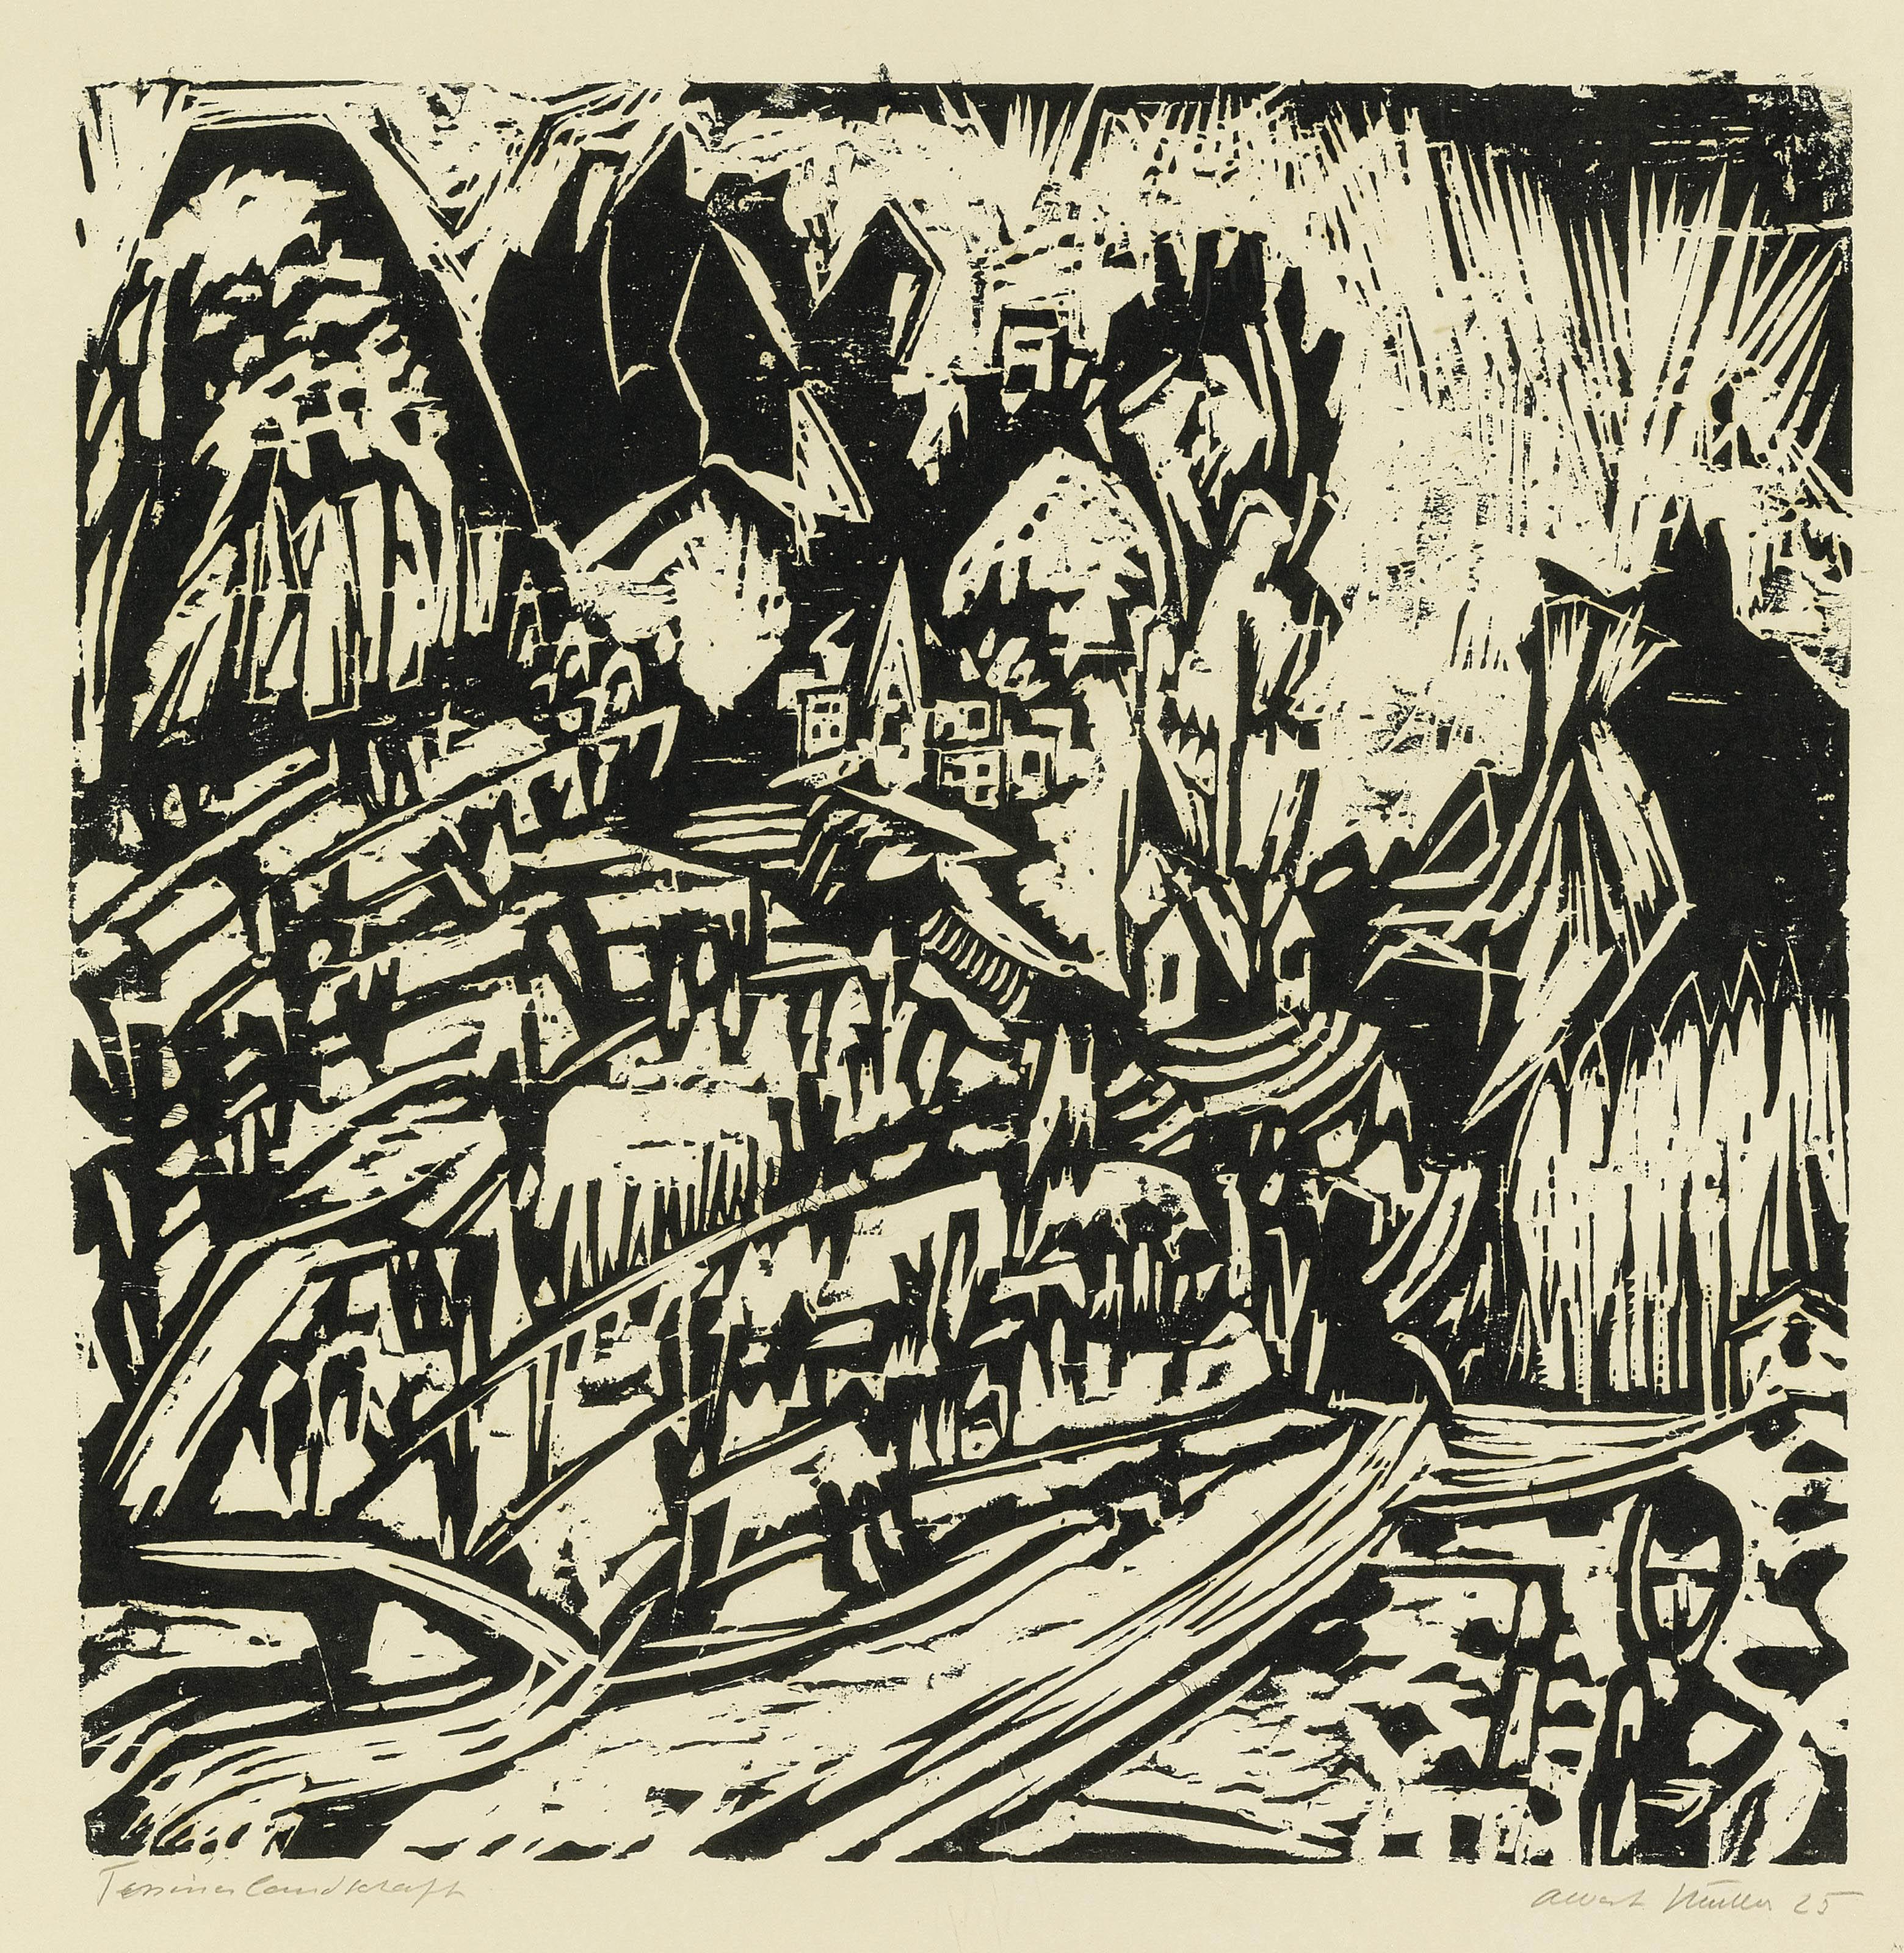 Tessinerlandschaft II, 1925